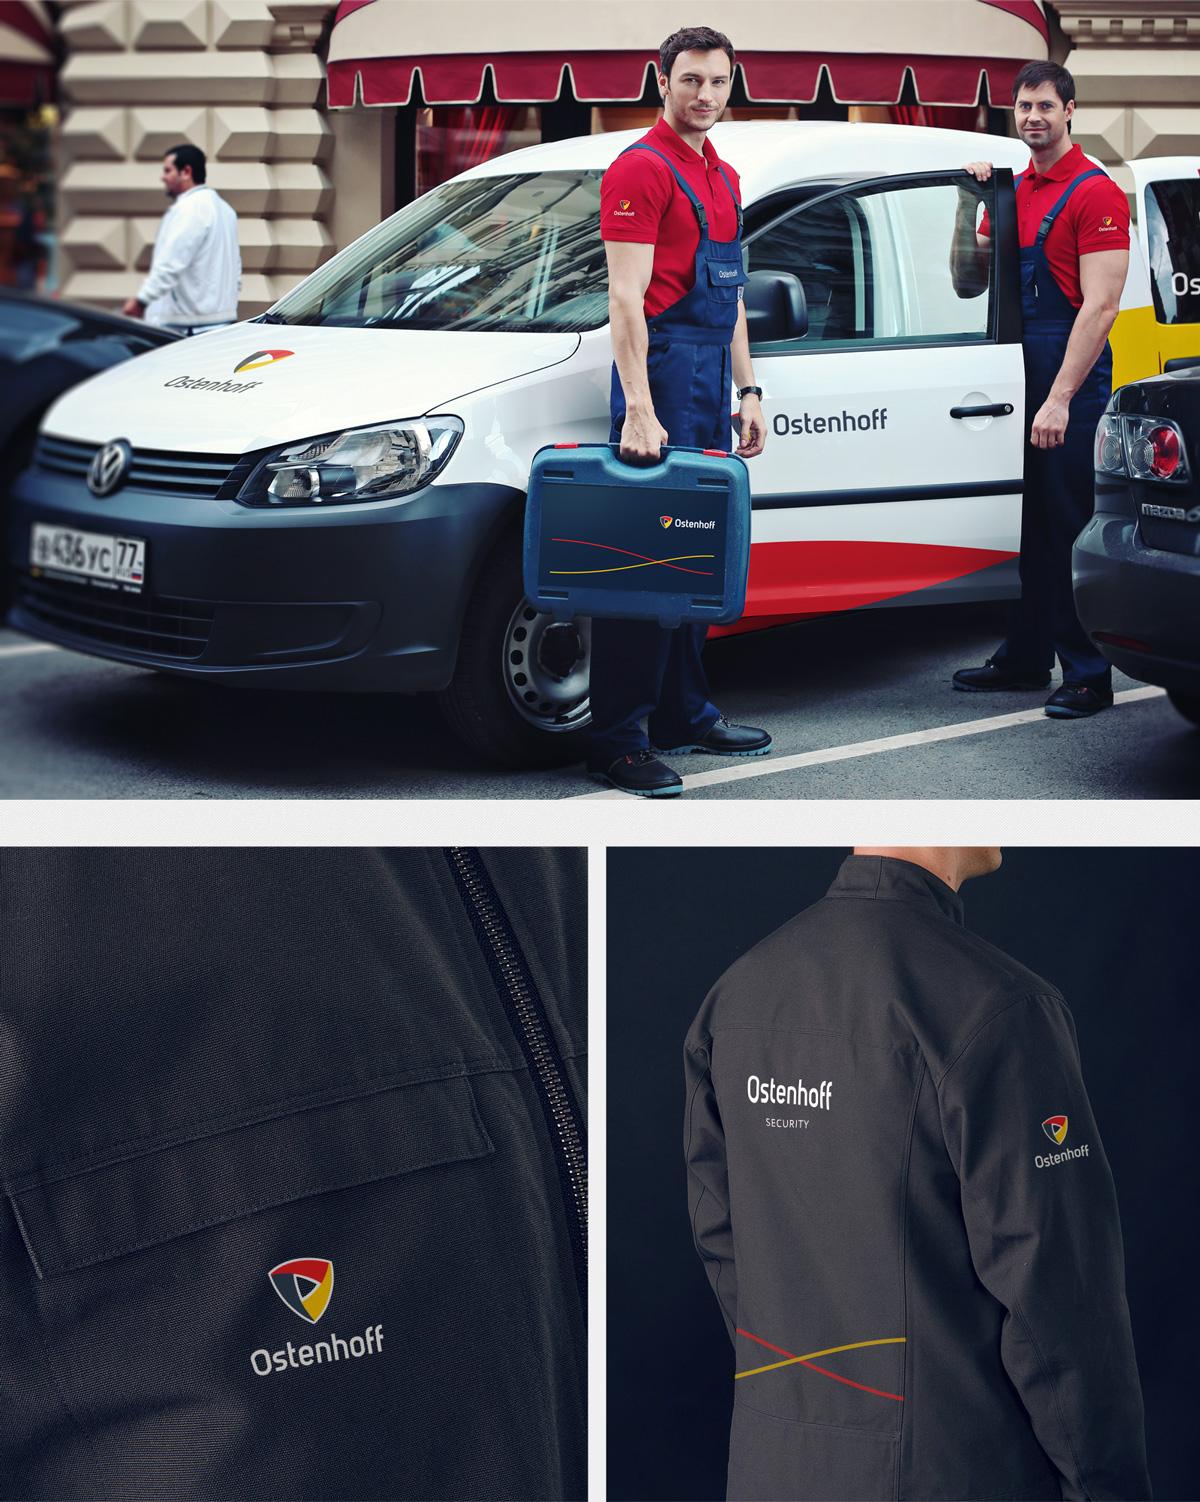 Фирменный стиль и одежда сотрудников Ostenhoff